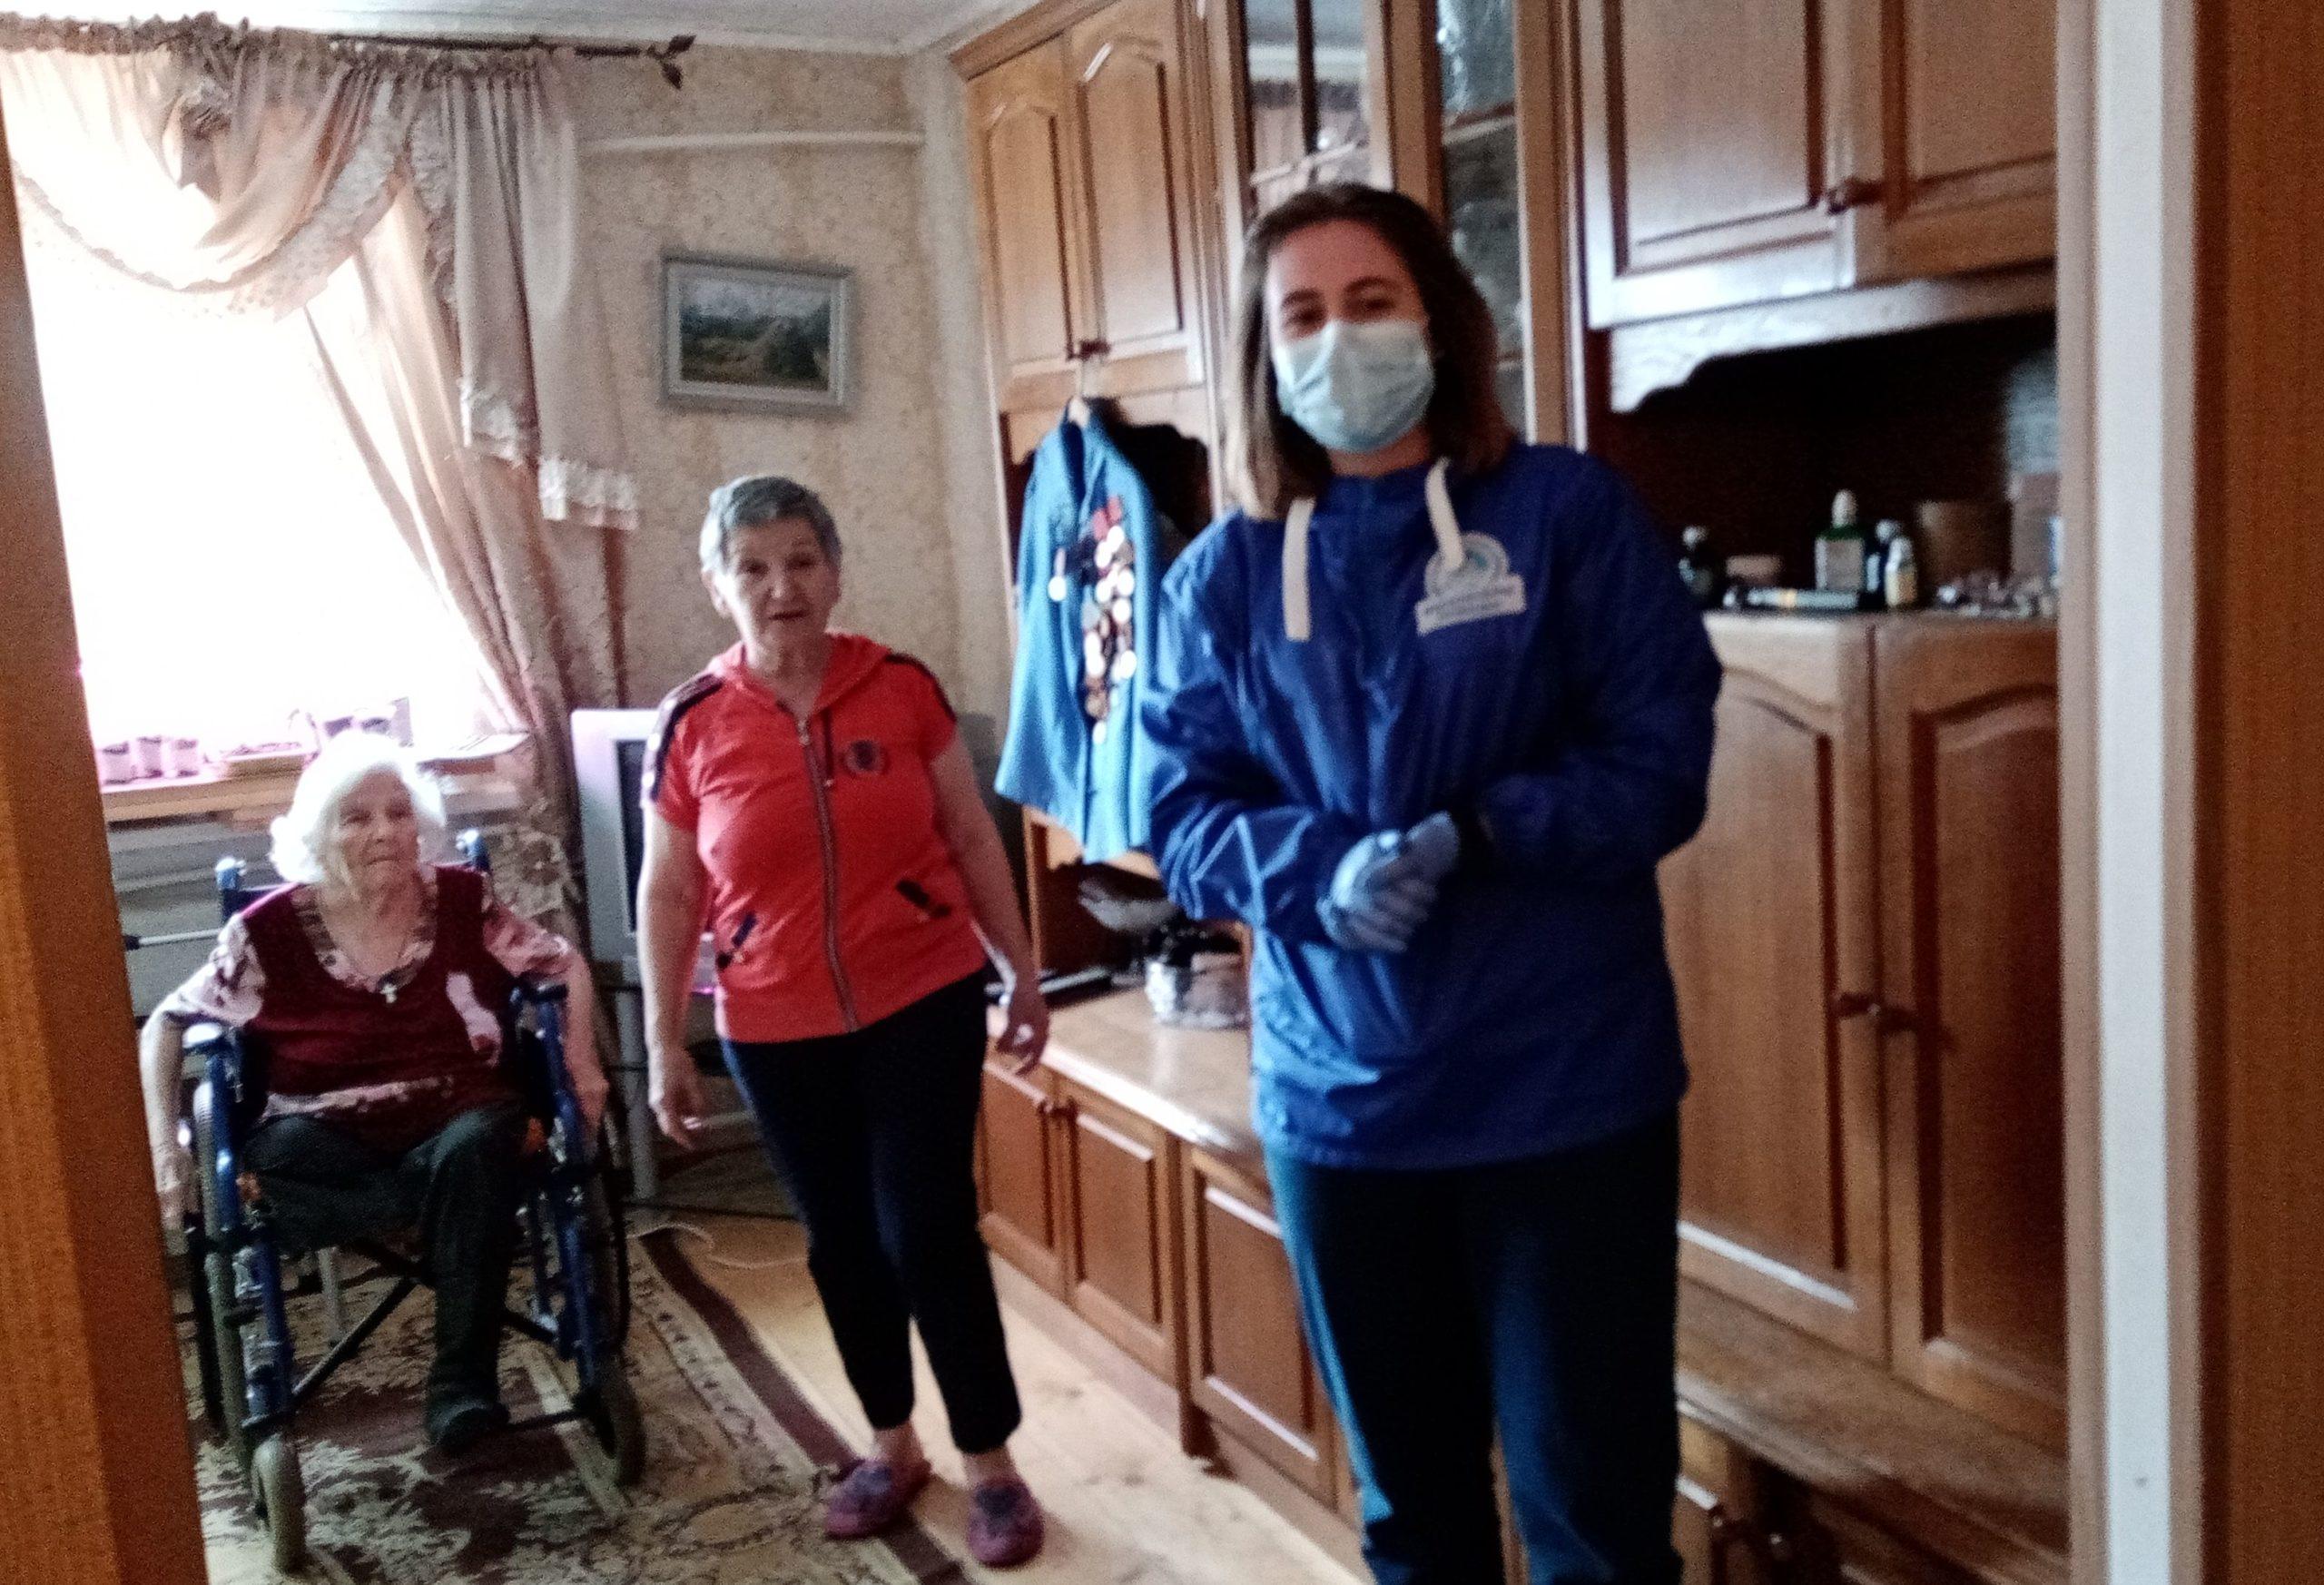 Как волонтеры помогают пожилым жителям Тверской области во время самоизоляции